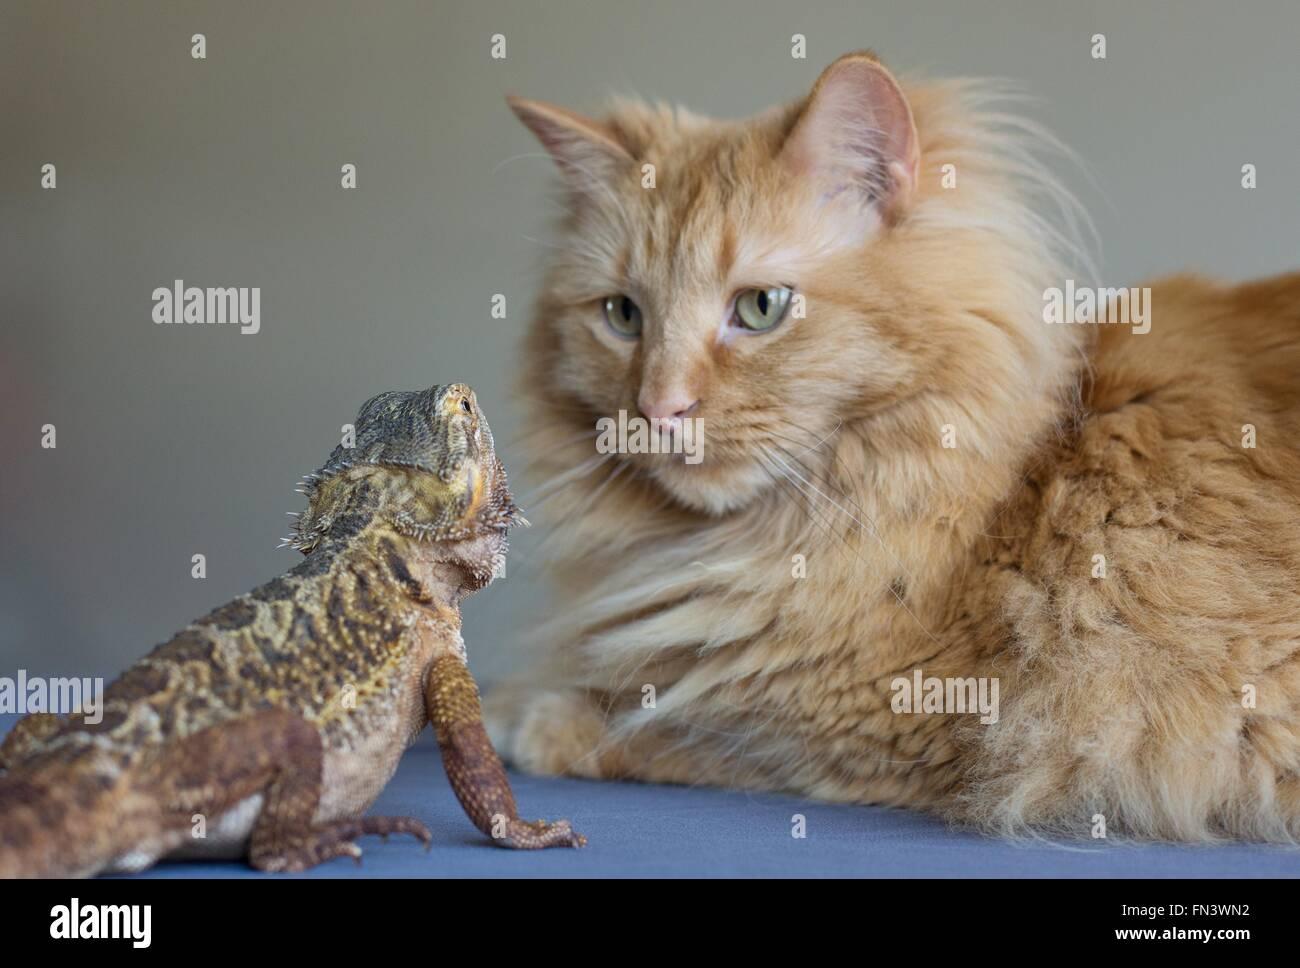 Un gato y un dragón barbudo mirando el uno al otro. Imagen De Stock